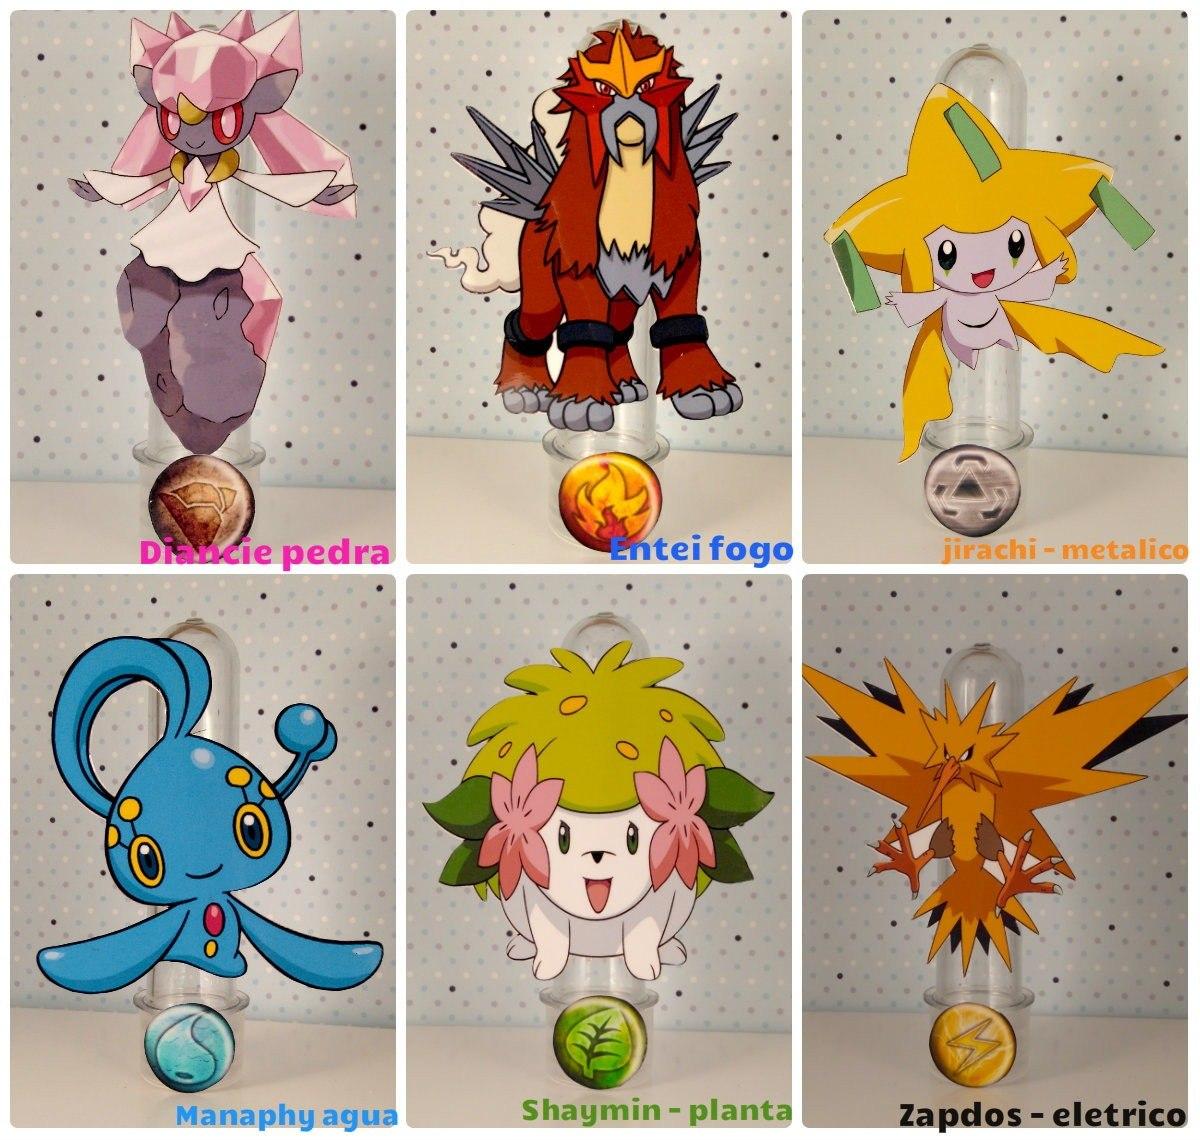 10 tubete lembrancinha pokémon lendario decoração de festas r 24